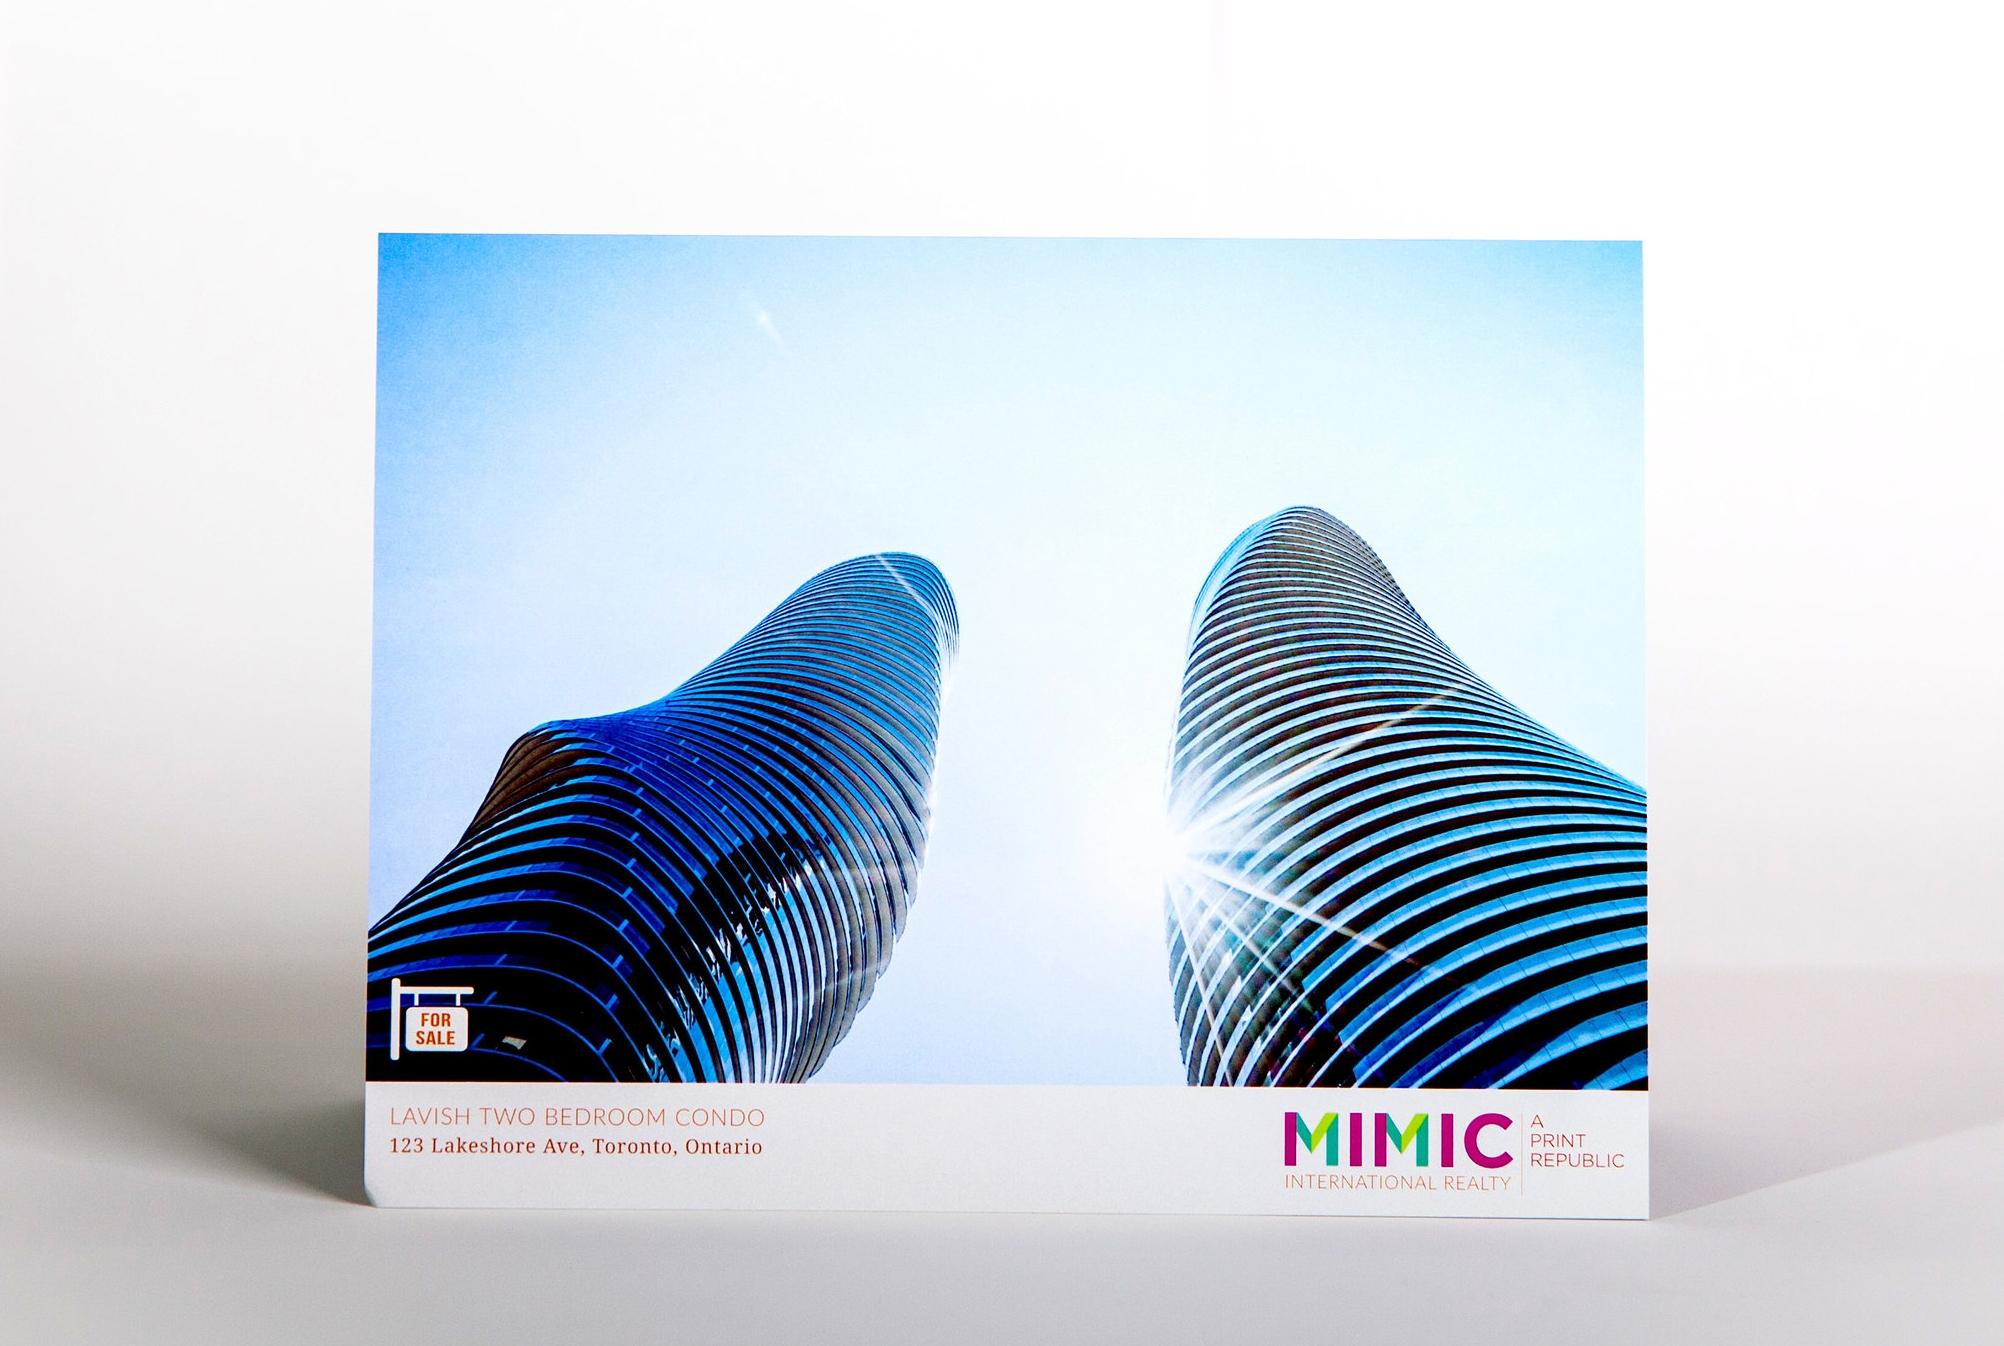 mimic-print-real-estate.jpg